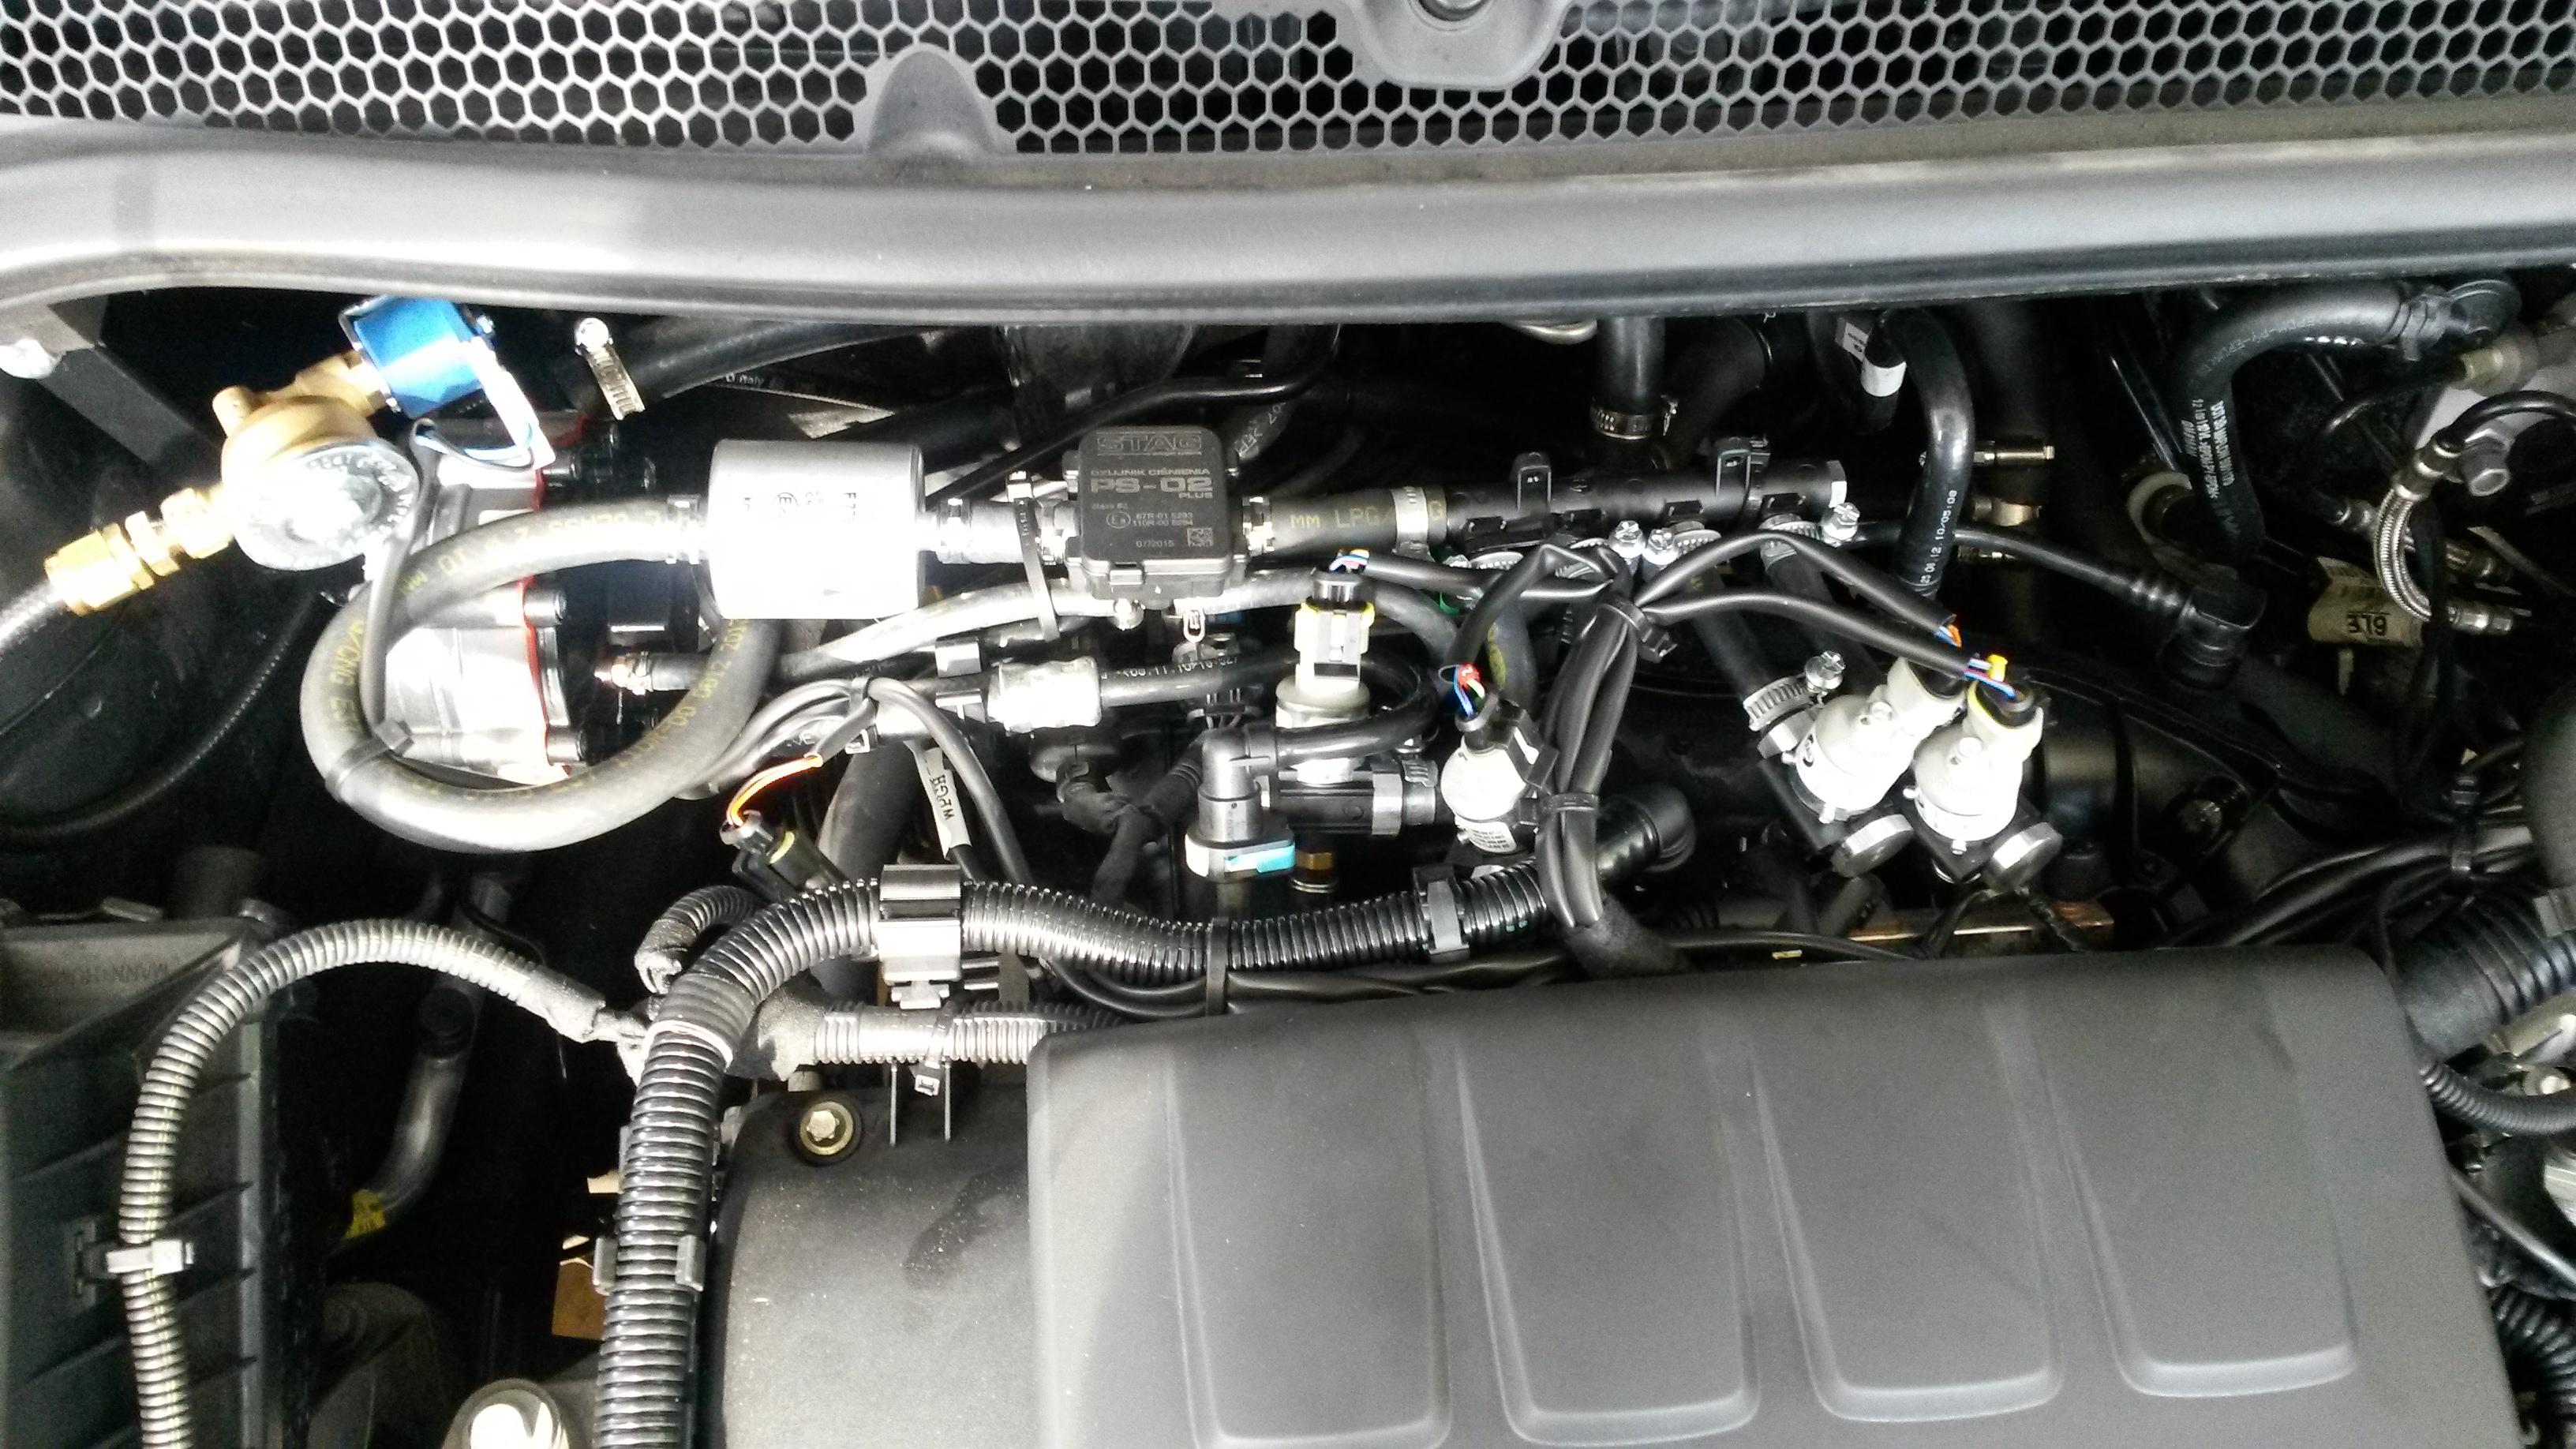 Schema Elettrico Opel Astra F : Opel astra turbo con impianto gpl maggiorato